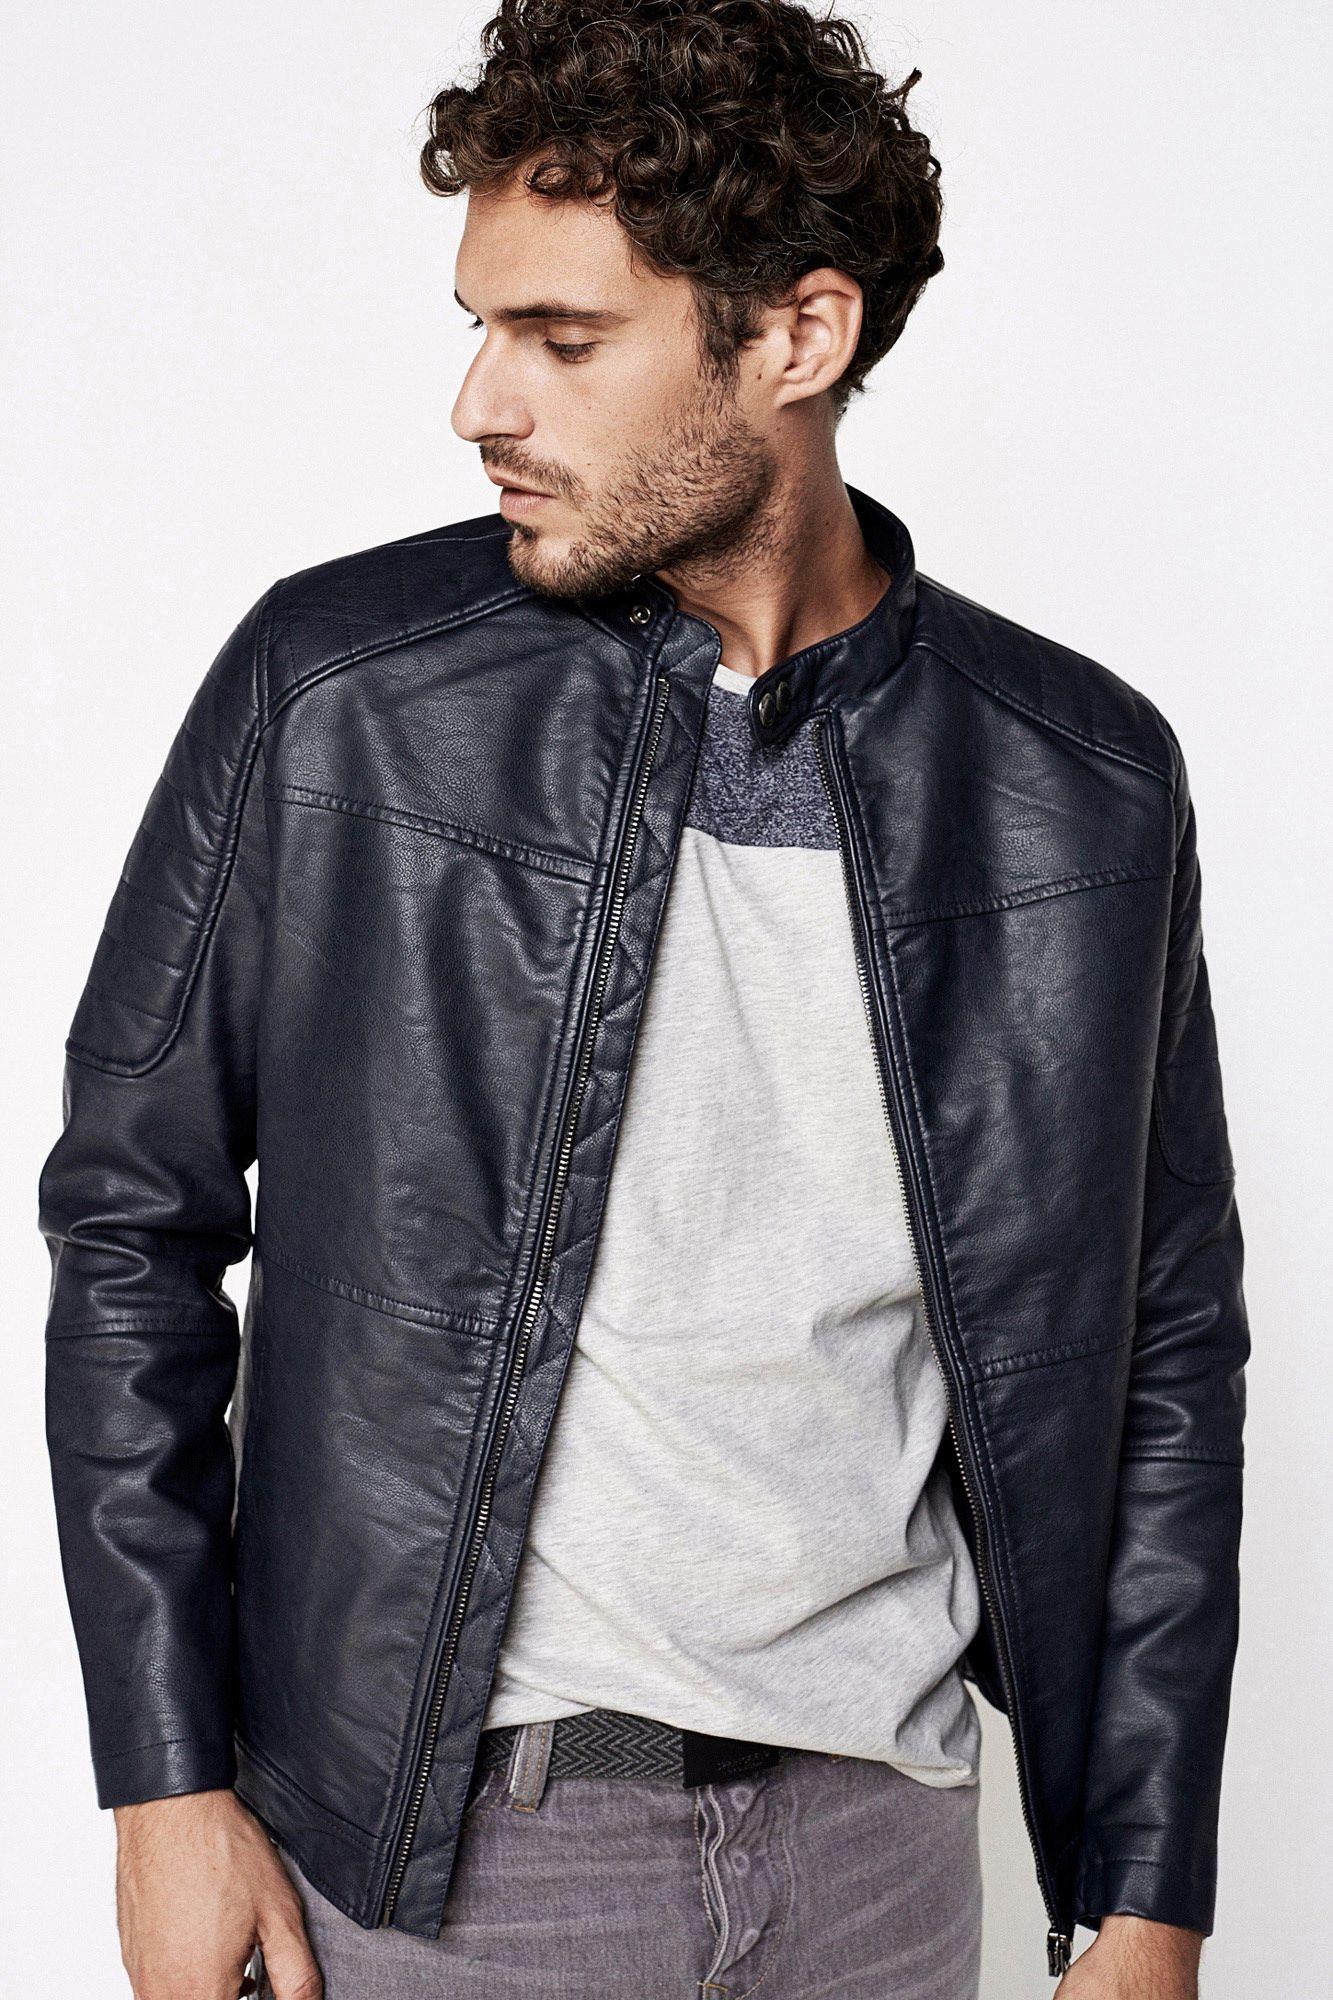 Buscas chupa nueva? 25 chaquetas de cuero desde 25 euros (y